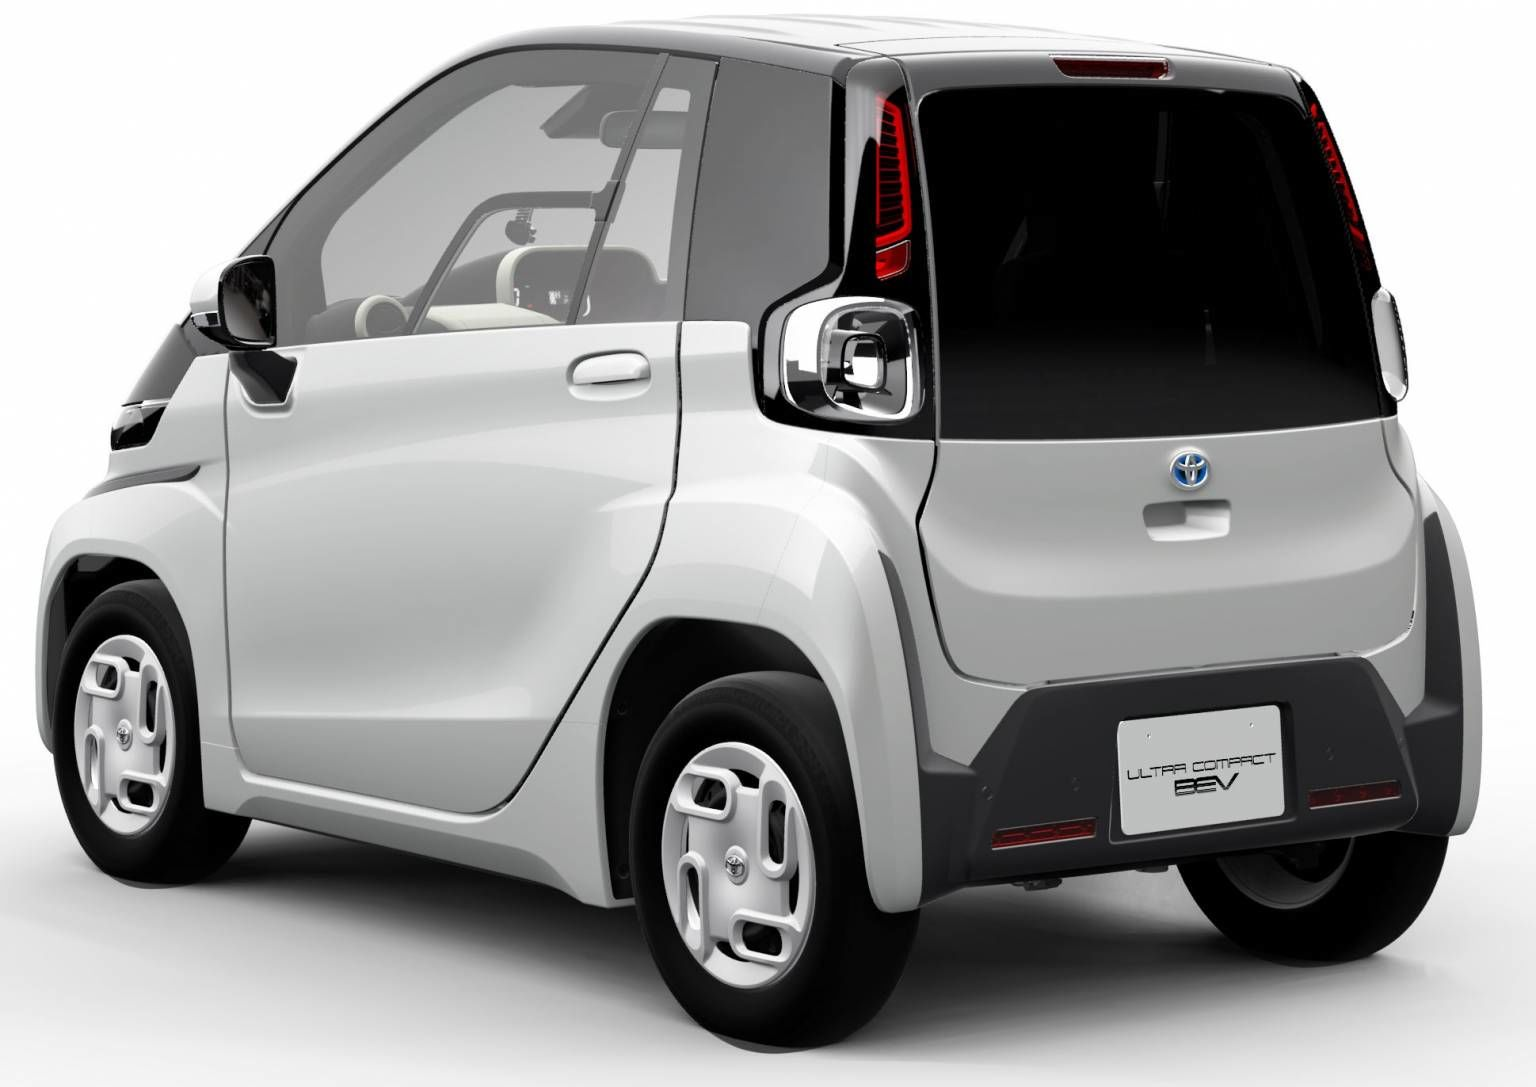 خودروی الکتریکی کامپکت تویوتا سال ۲۰۲۱ عرضه میشود